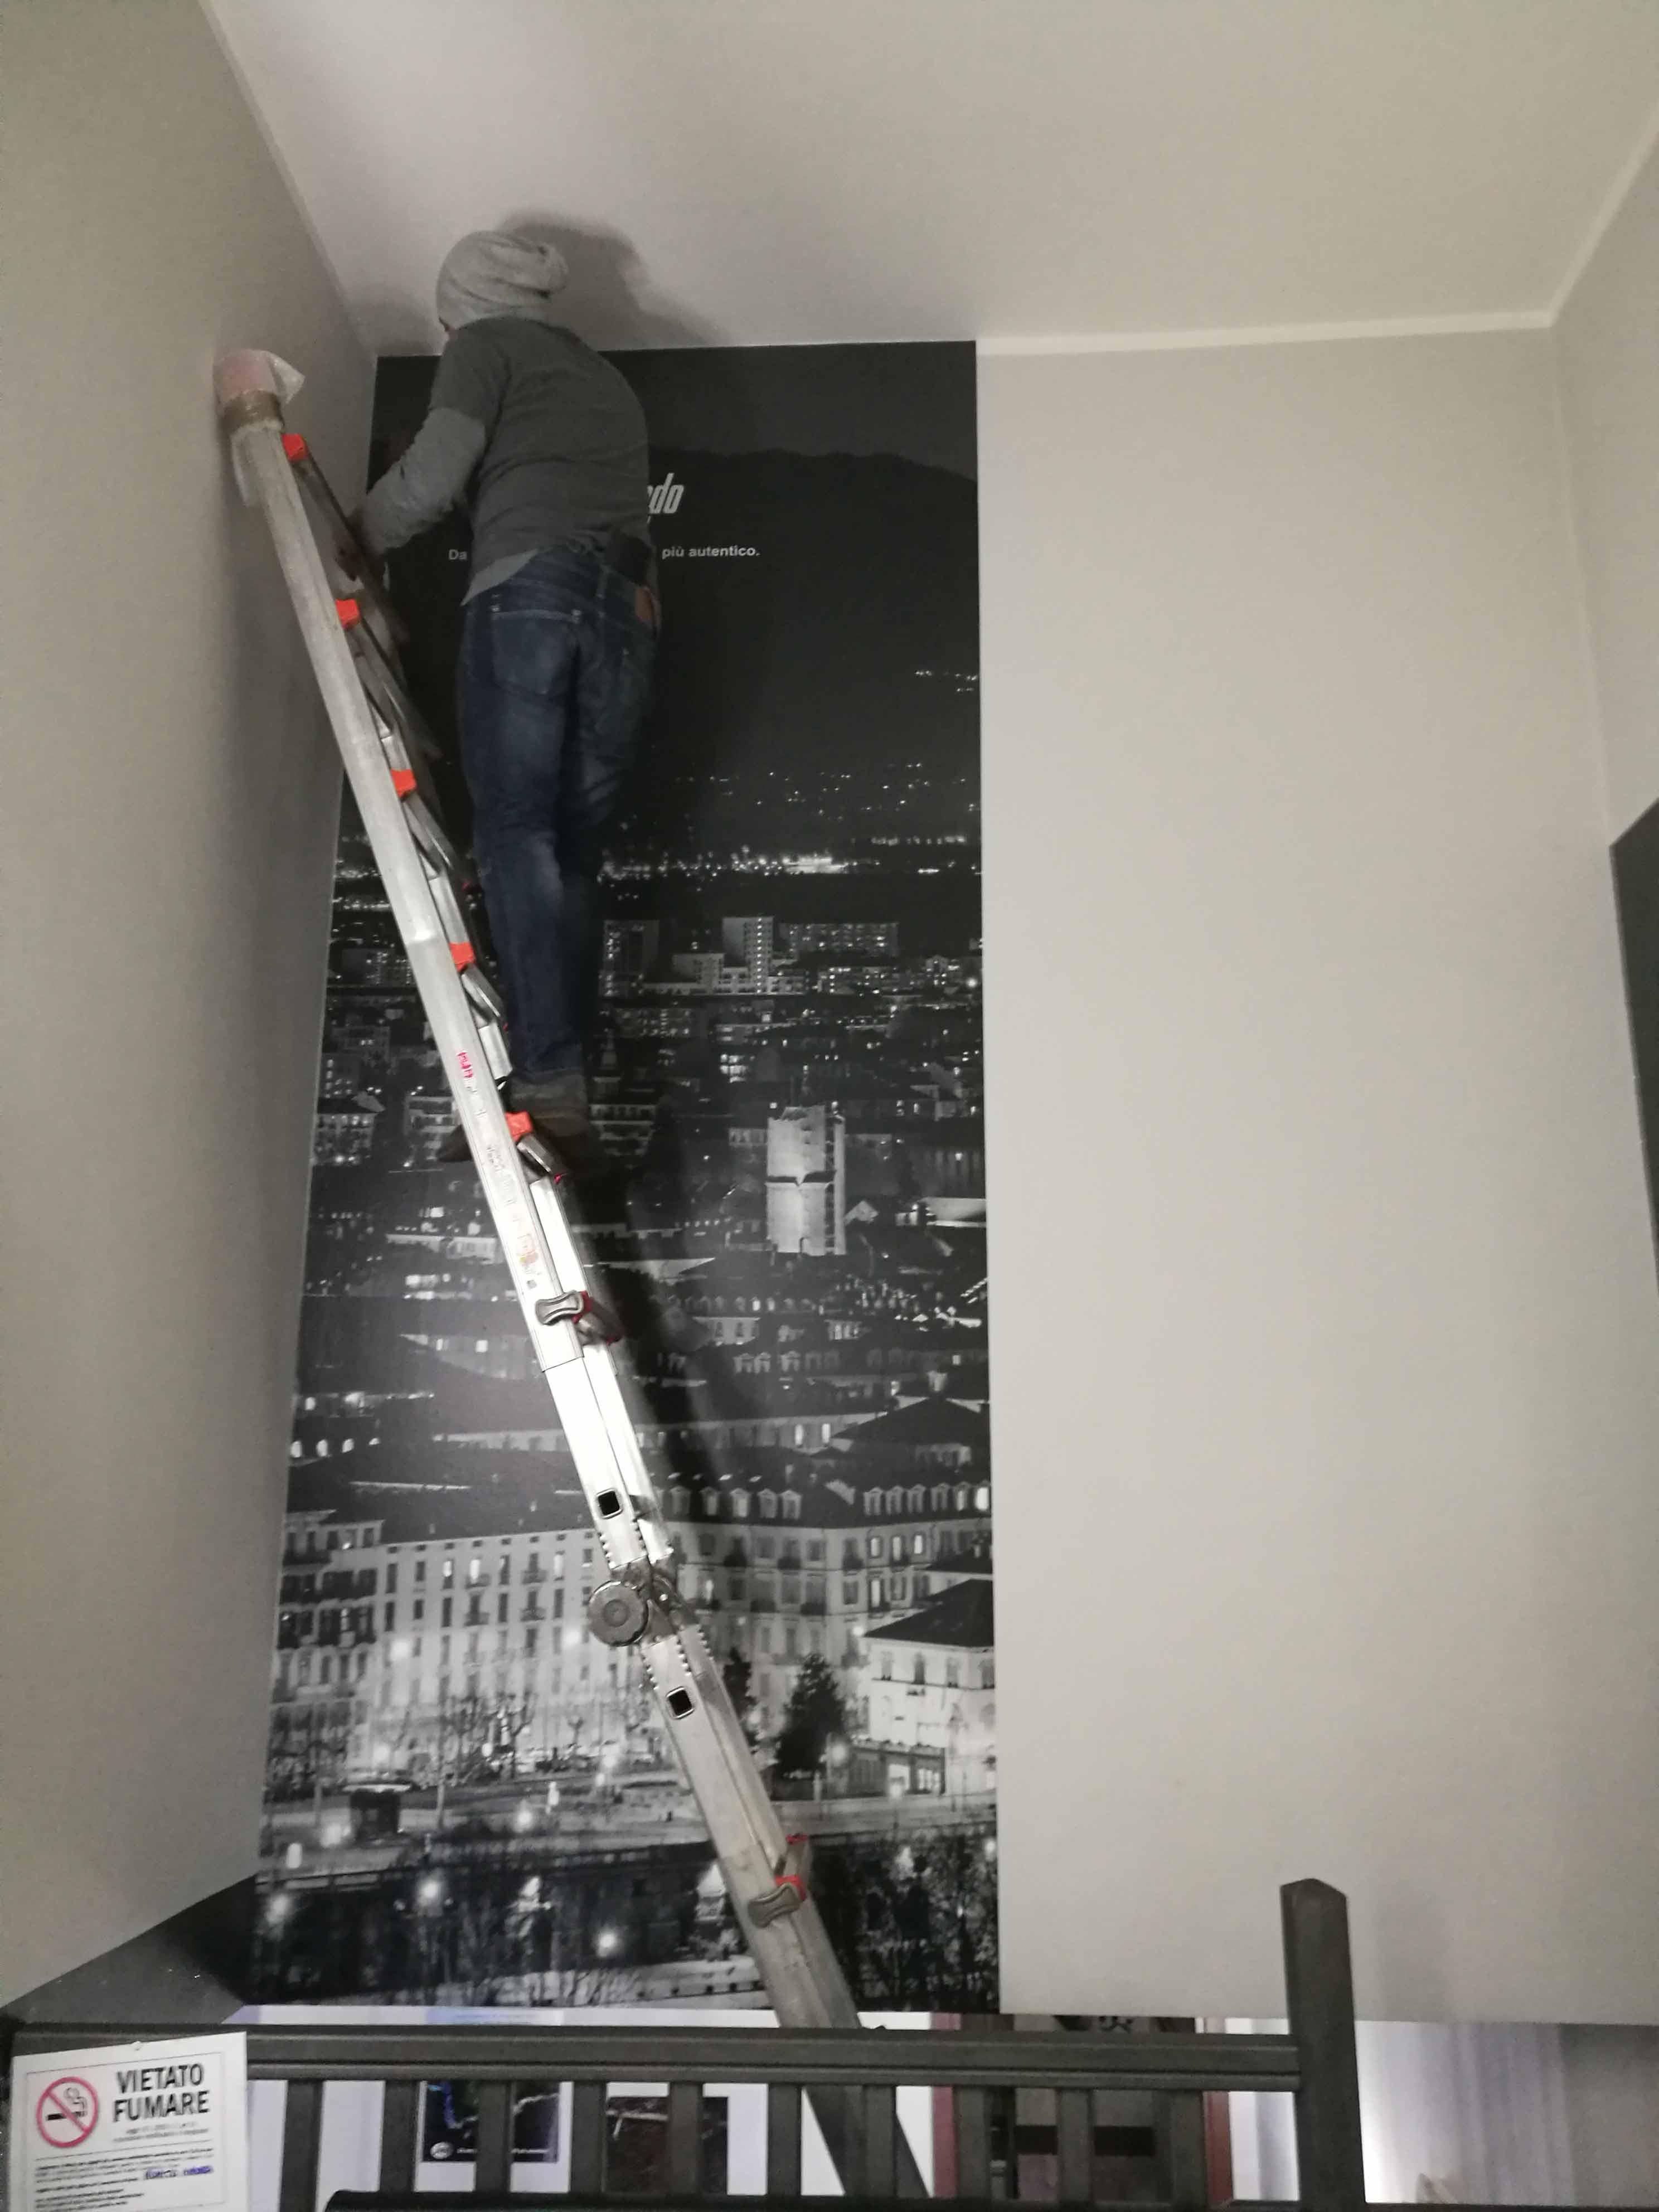 Stampa e applicazione di adesivi per pareti a Torino.